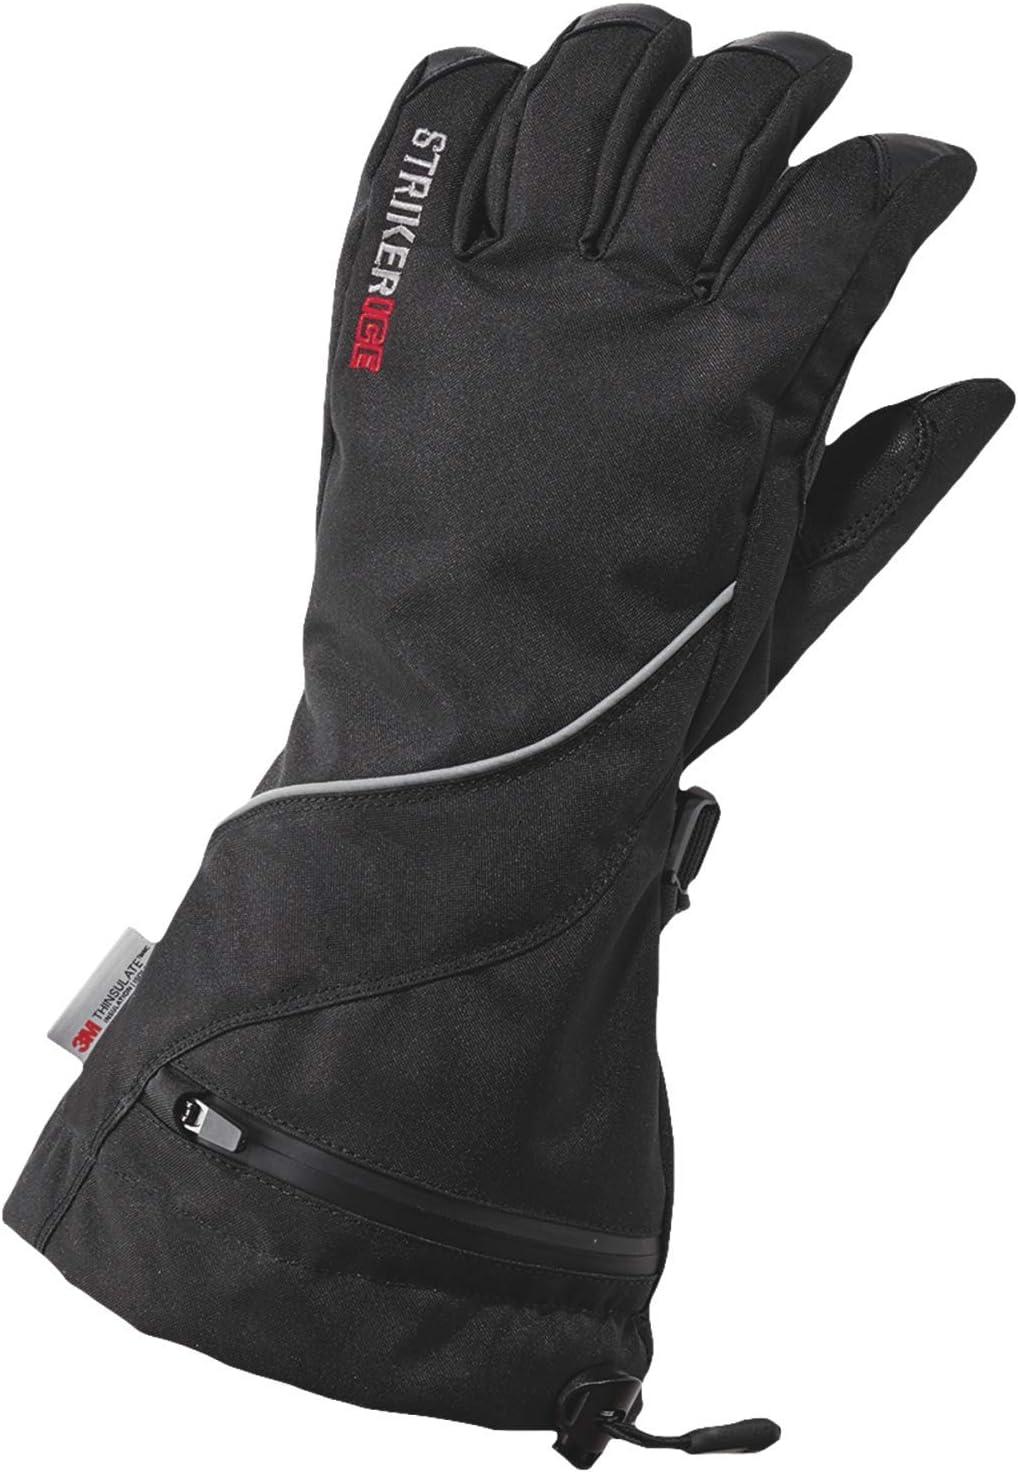 StrikerICE Women's Cheap sale Glove Very popular Mirage